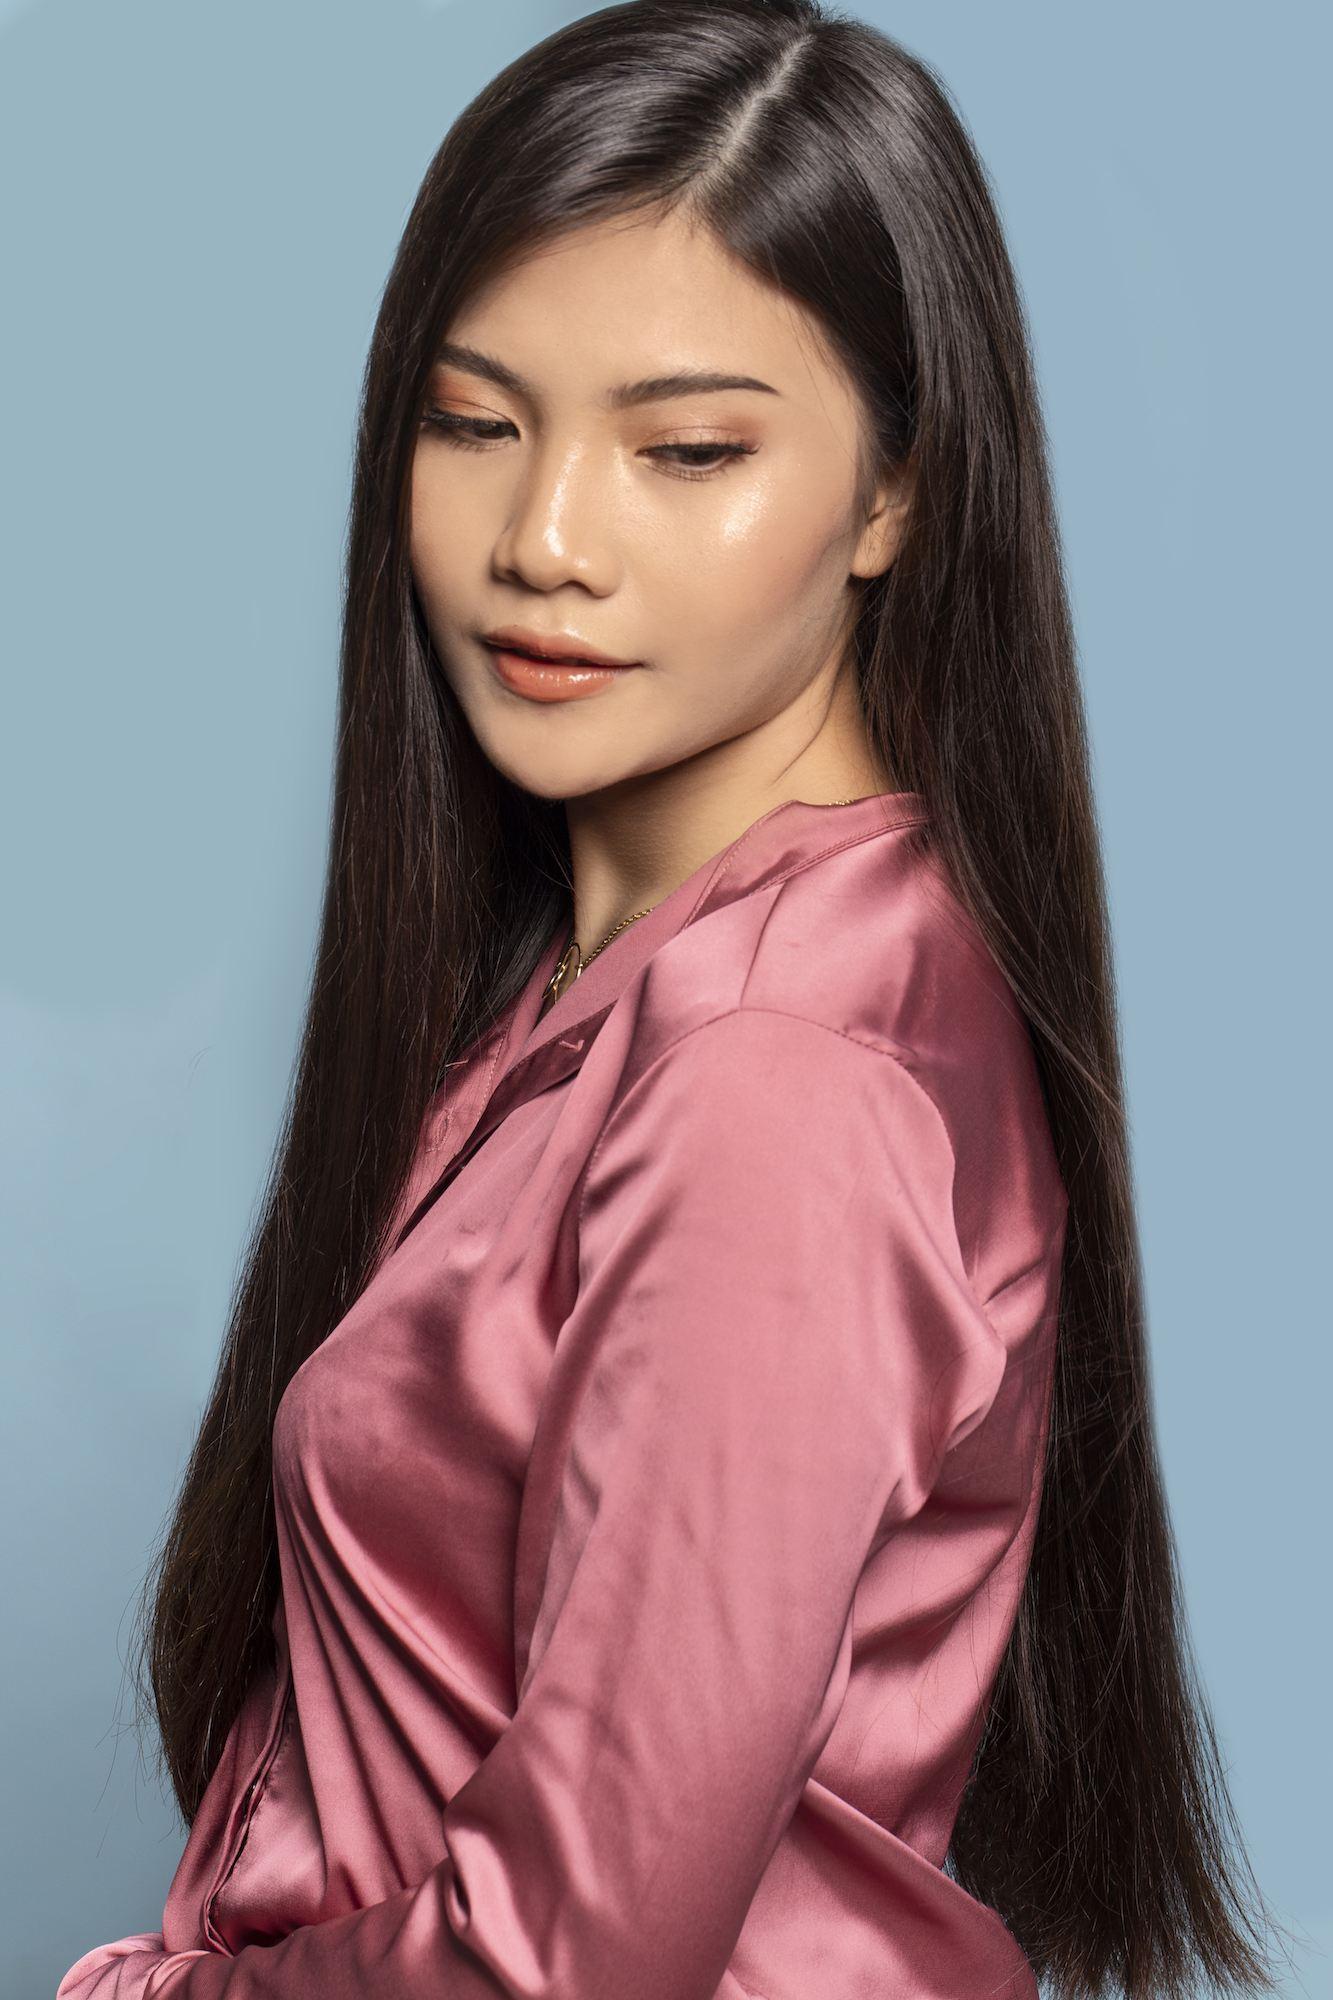 Wajib Baca 5 Bahaya Smoothing Rambut Sebelum Bikin Janji Ke Salon